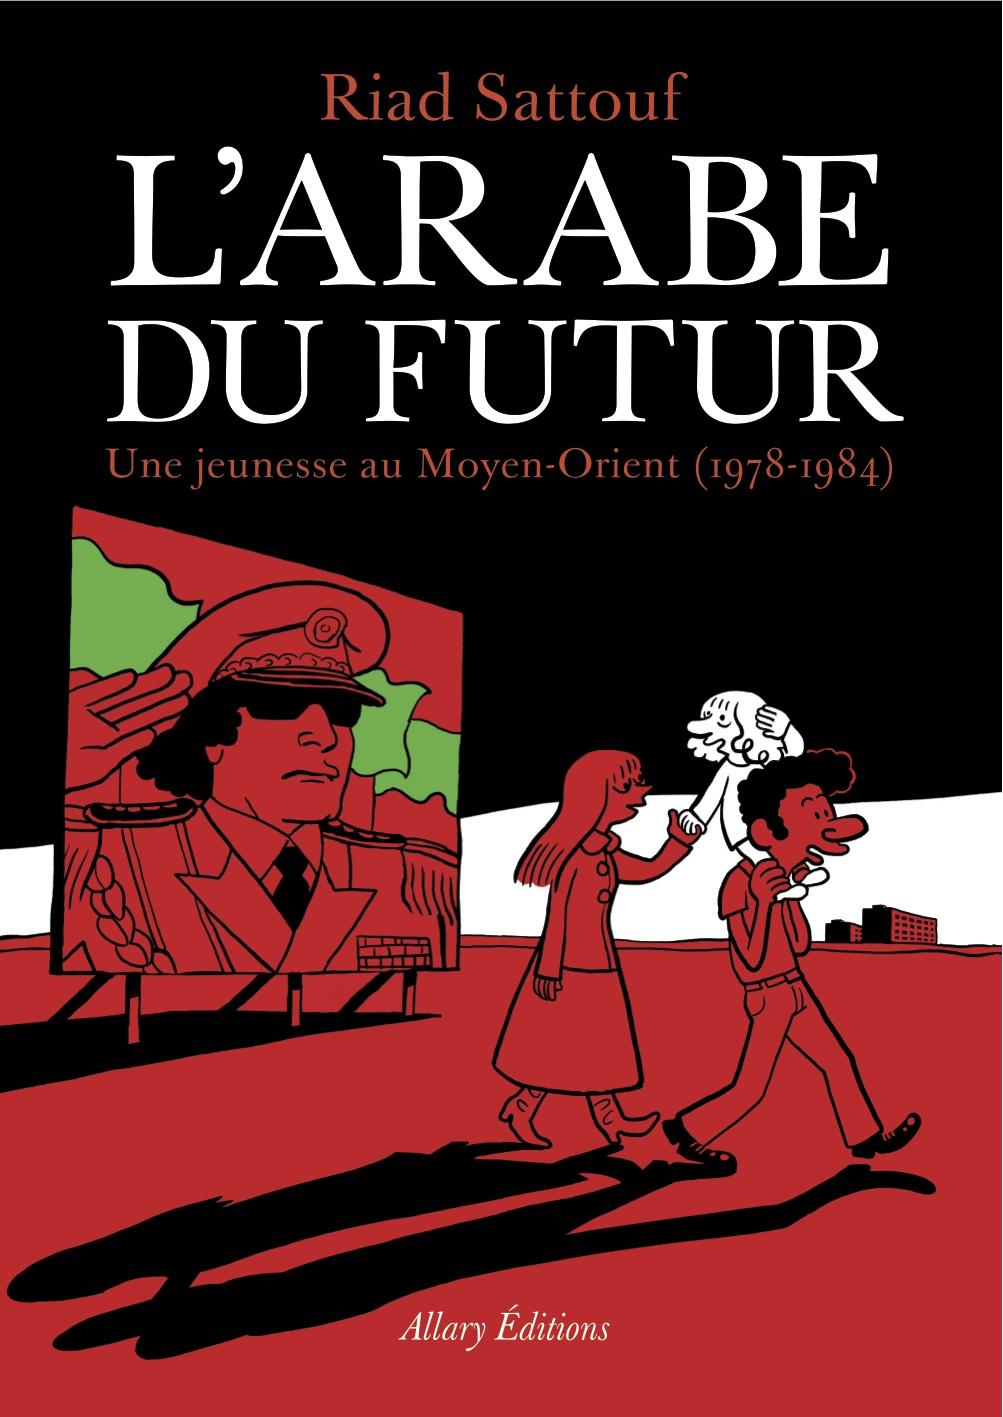 L'Arabe du futur - Riad Sattouf - Allary Editions